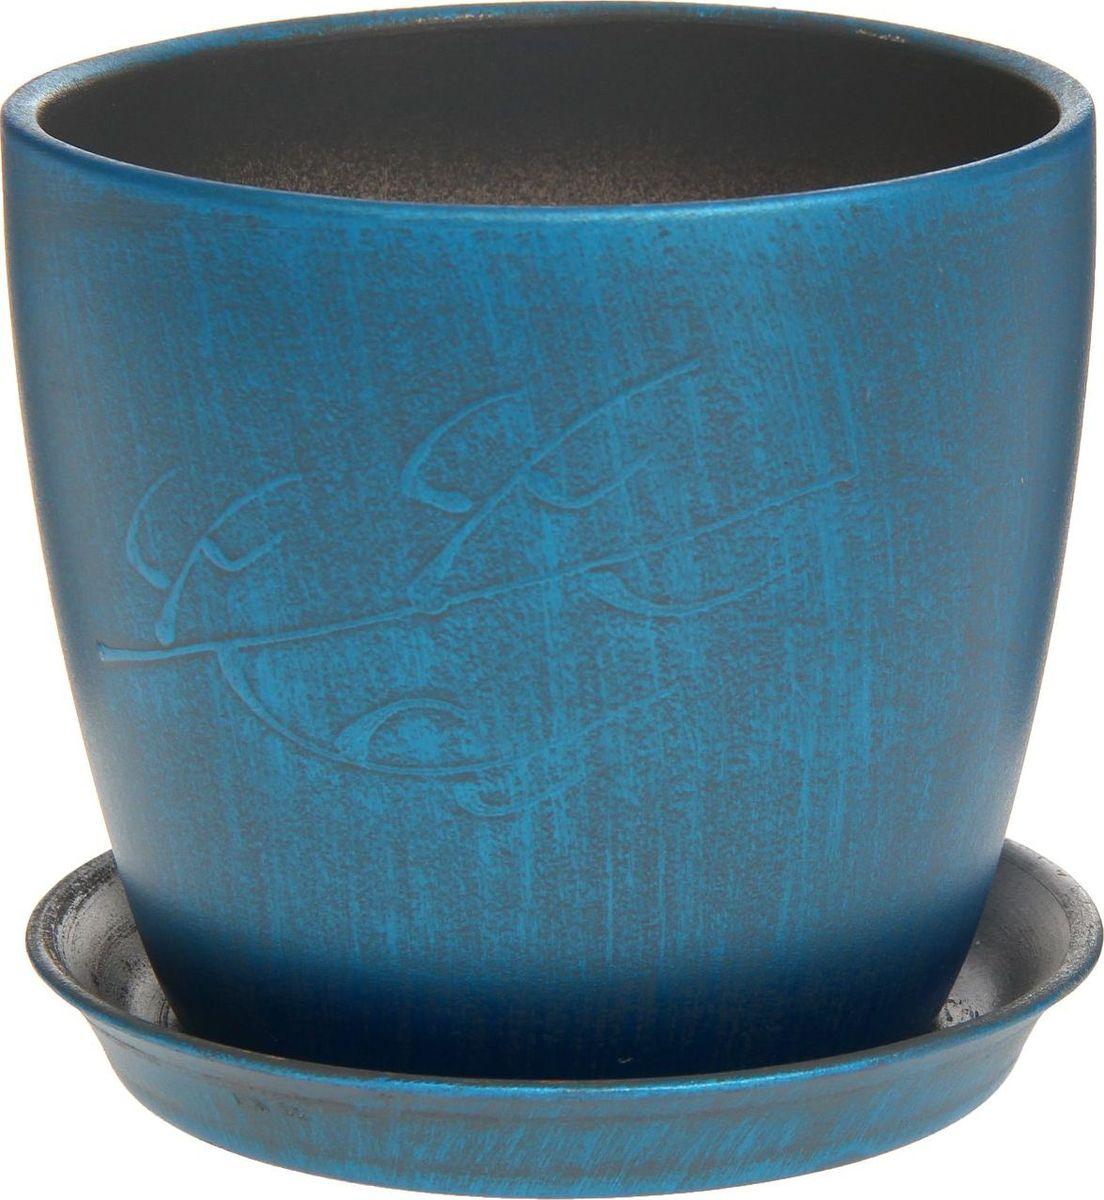 Кашпо Керамика ручной работы Осень. Патина, цвет: синий, 2 л1170313Комнатные растения - всеобщие любимцы. Они радуют глаз, насыщают помещение кислородом и украшают пространство. Каждому из них необходим свой удобный и красивый дом.Кашпо из керамики прекрасно подходит для высадки растений:за счёт пластичности глины и разных способов обработки существует великое множество форм и дизайнов; пористый материал позволяет испаряться лишней влаге; воздух, необходимый для дыхания корней, проникает сквозь керамические стенки.Кашпо для цветов освежит интерьер и подчеркнёт его стиль.